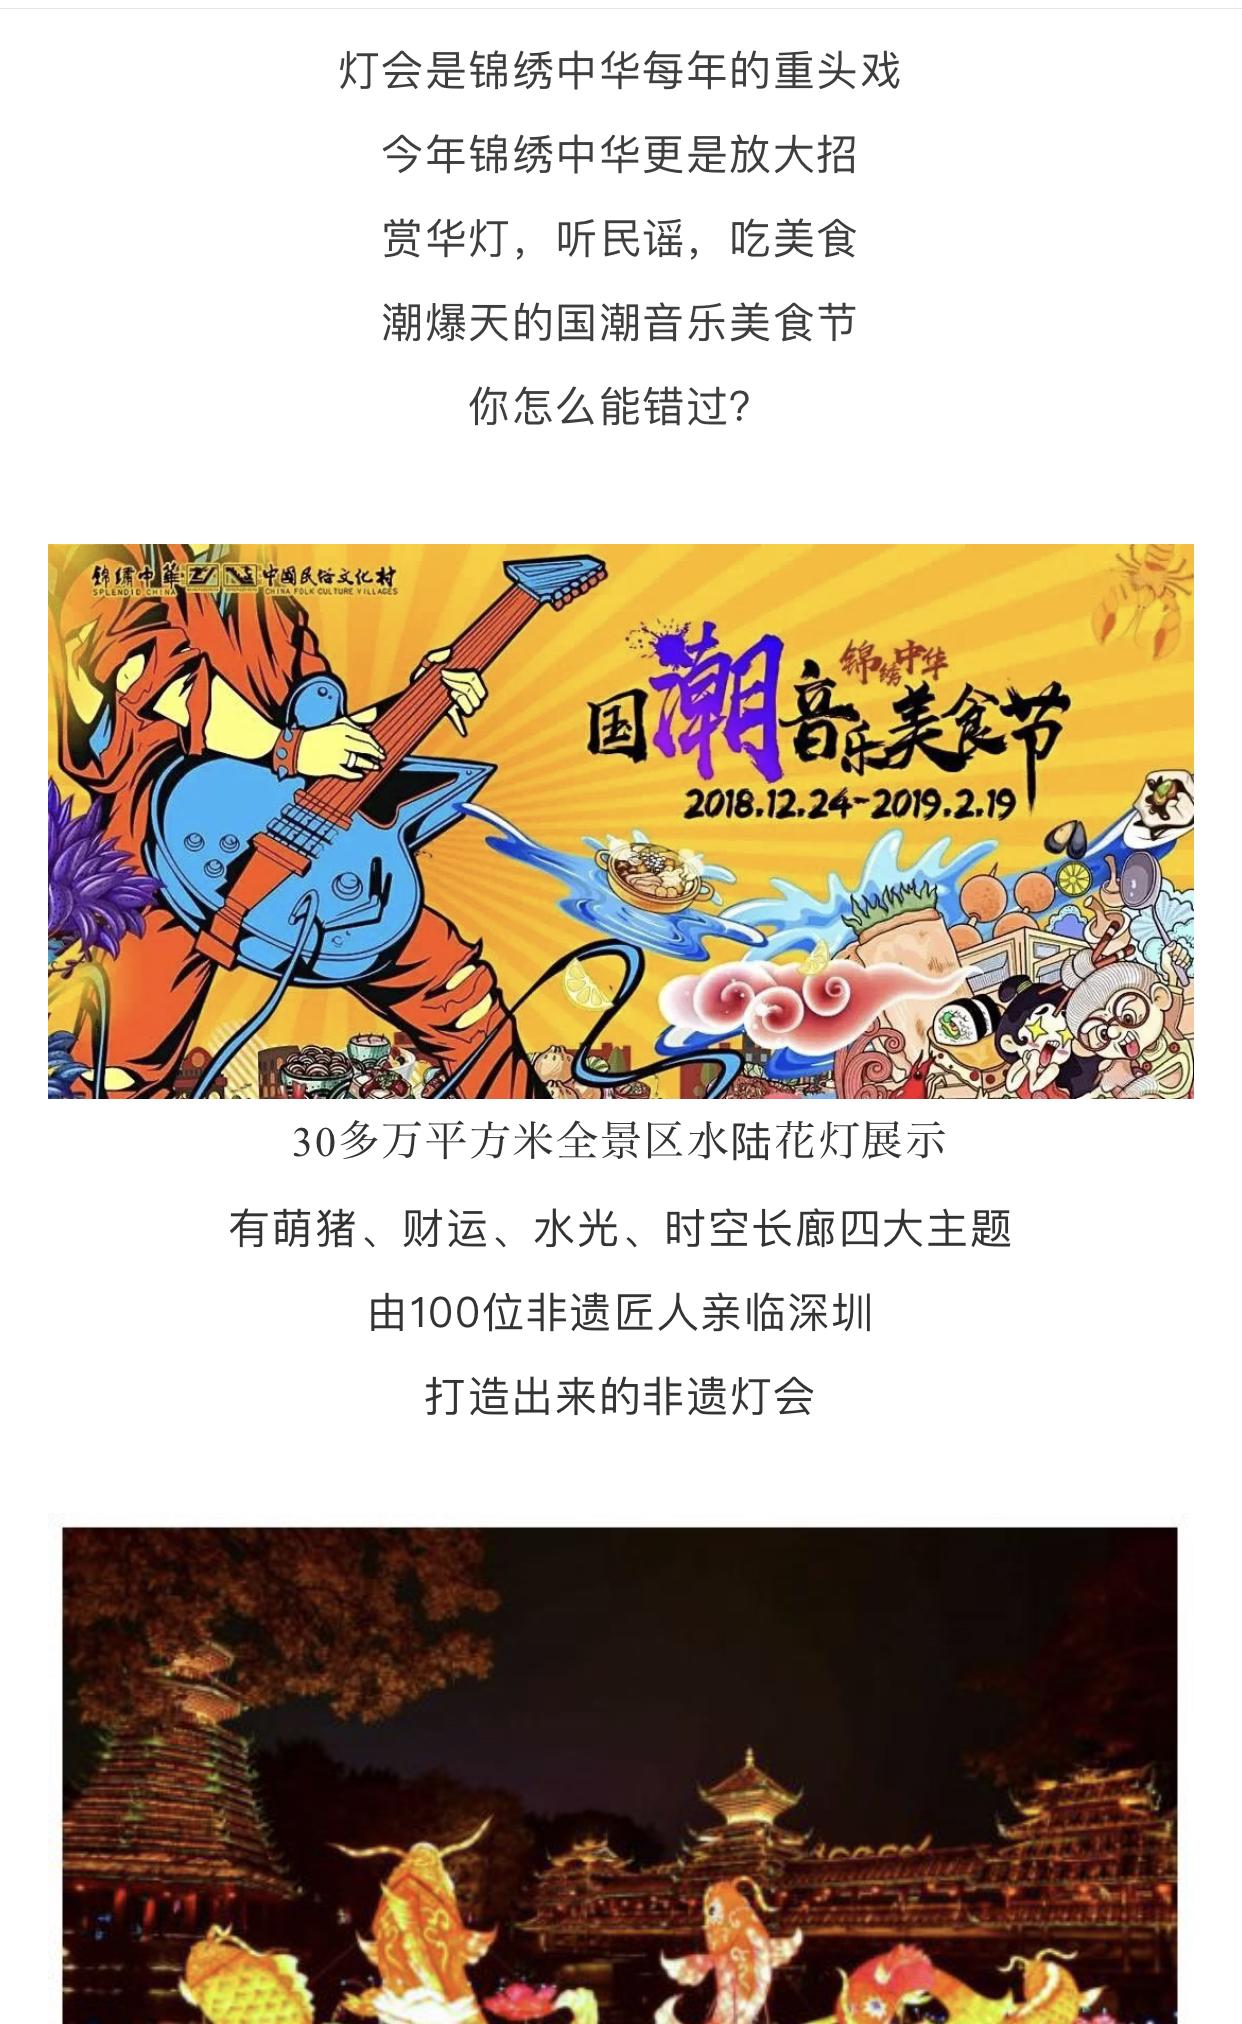 【中华民俗村】情人元宵节放大招,锦绣中华民俗村夜场票、欢乐海岸灯会